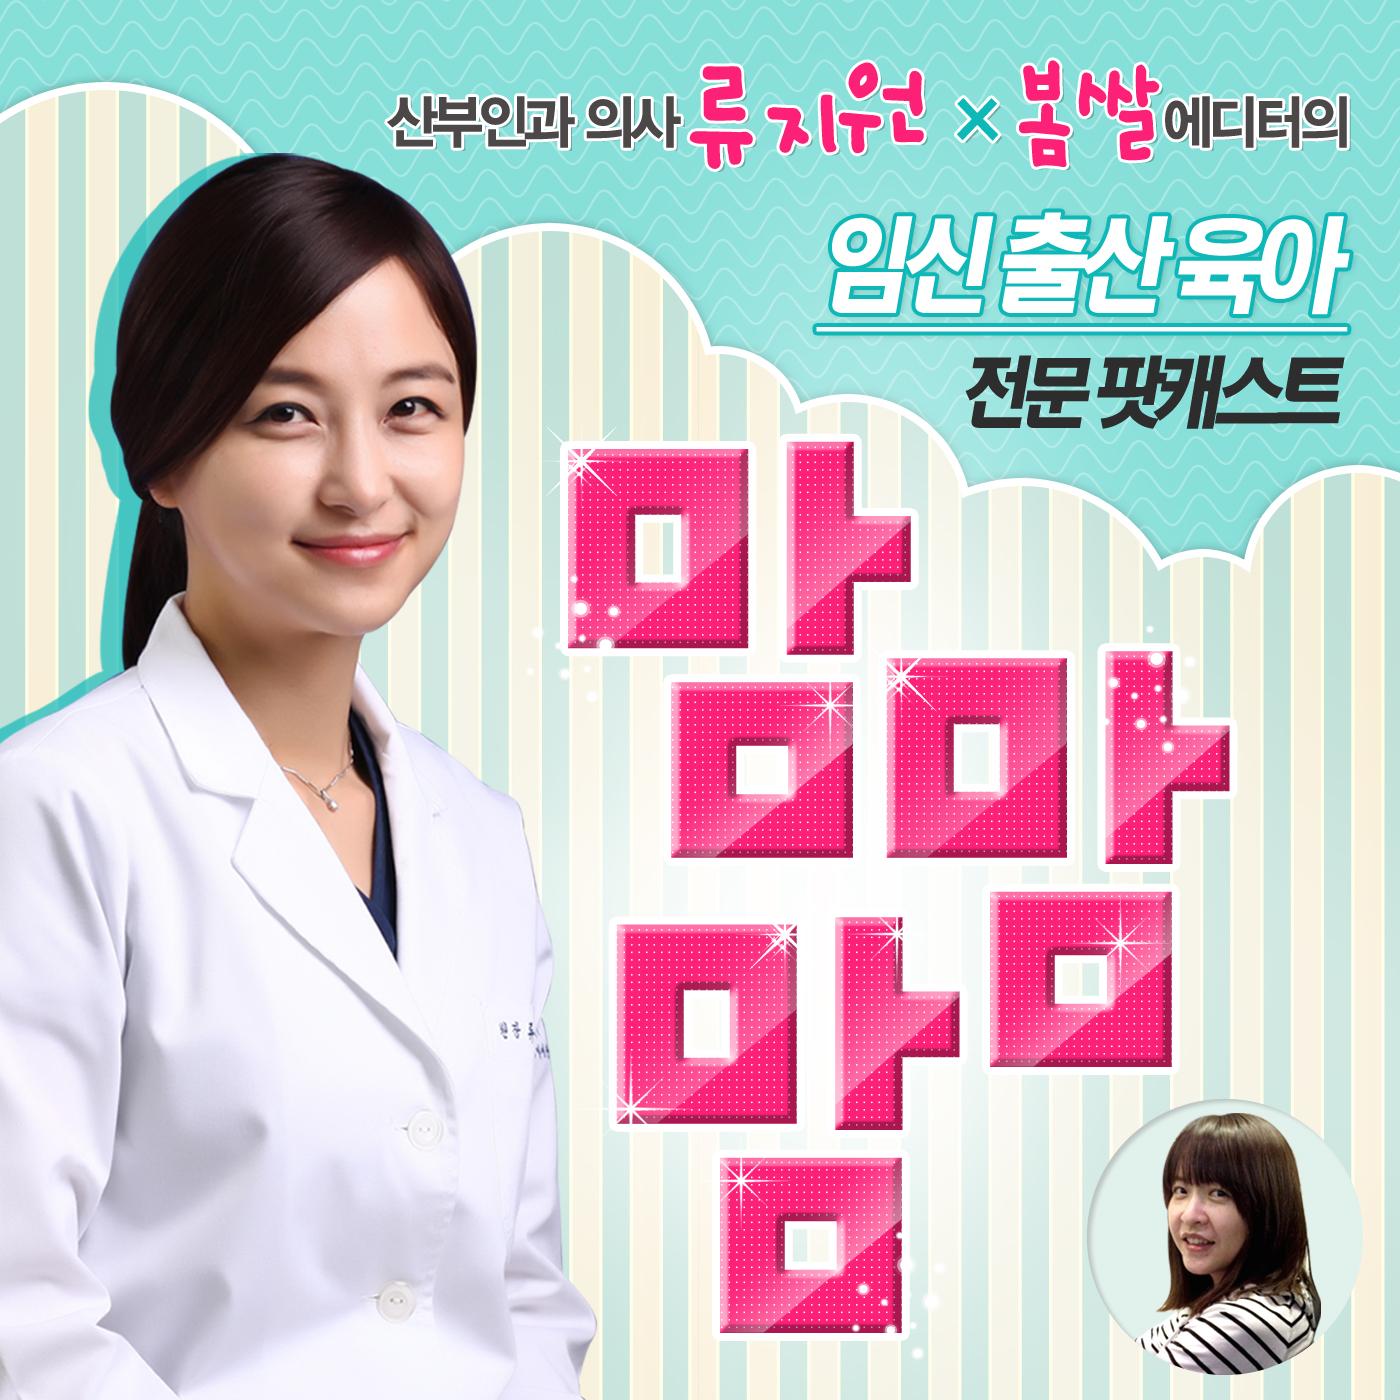 임신, 출산 육아 전문 팟캐스트 '맘맘맘'